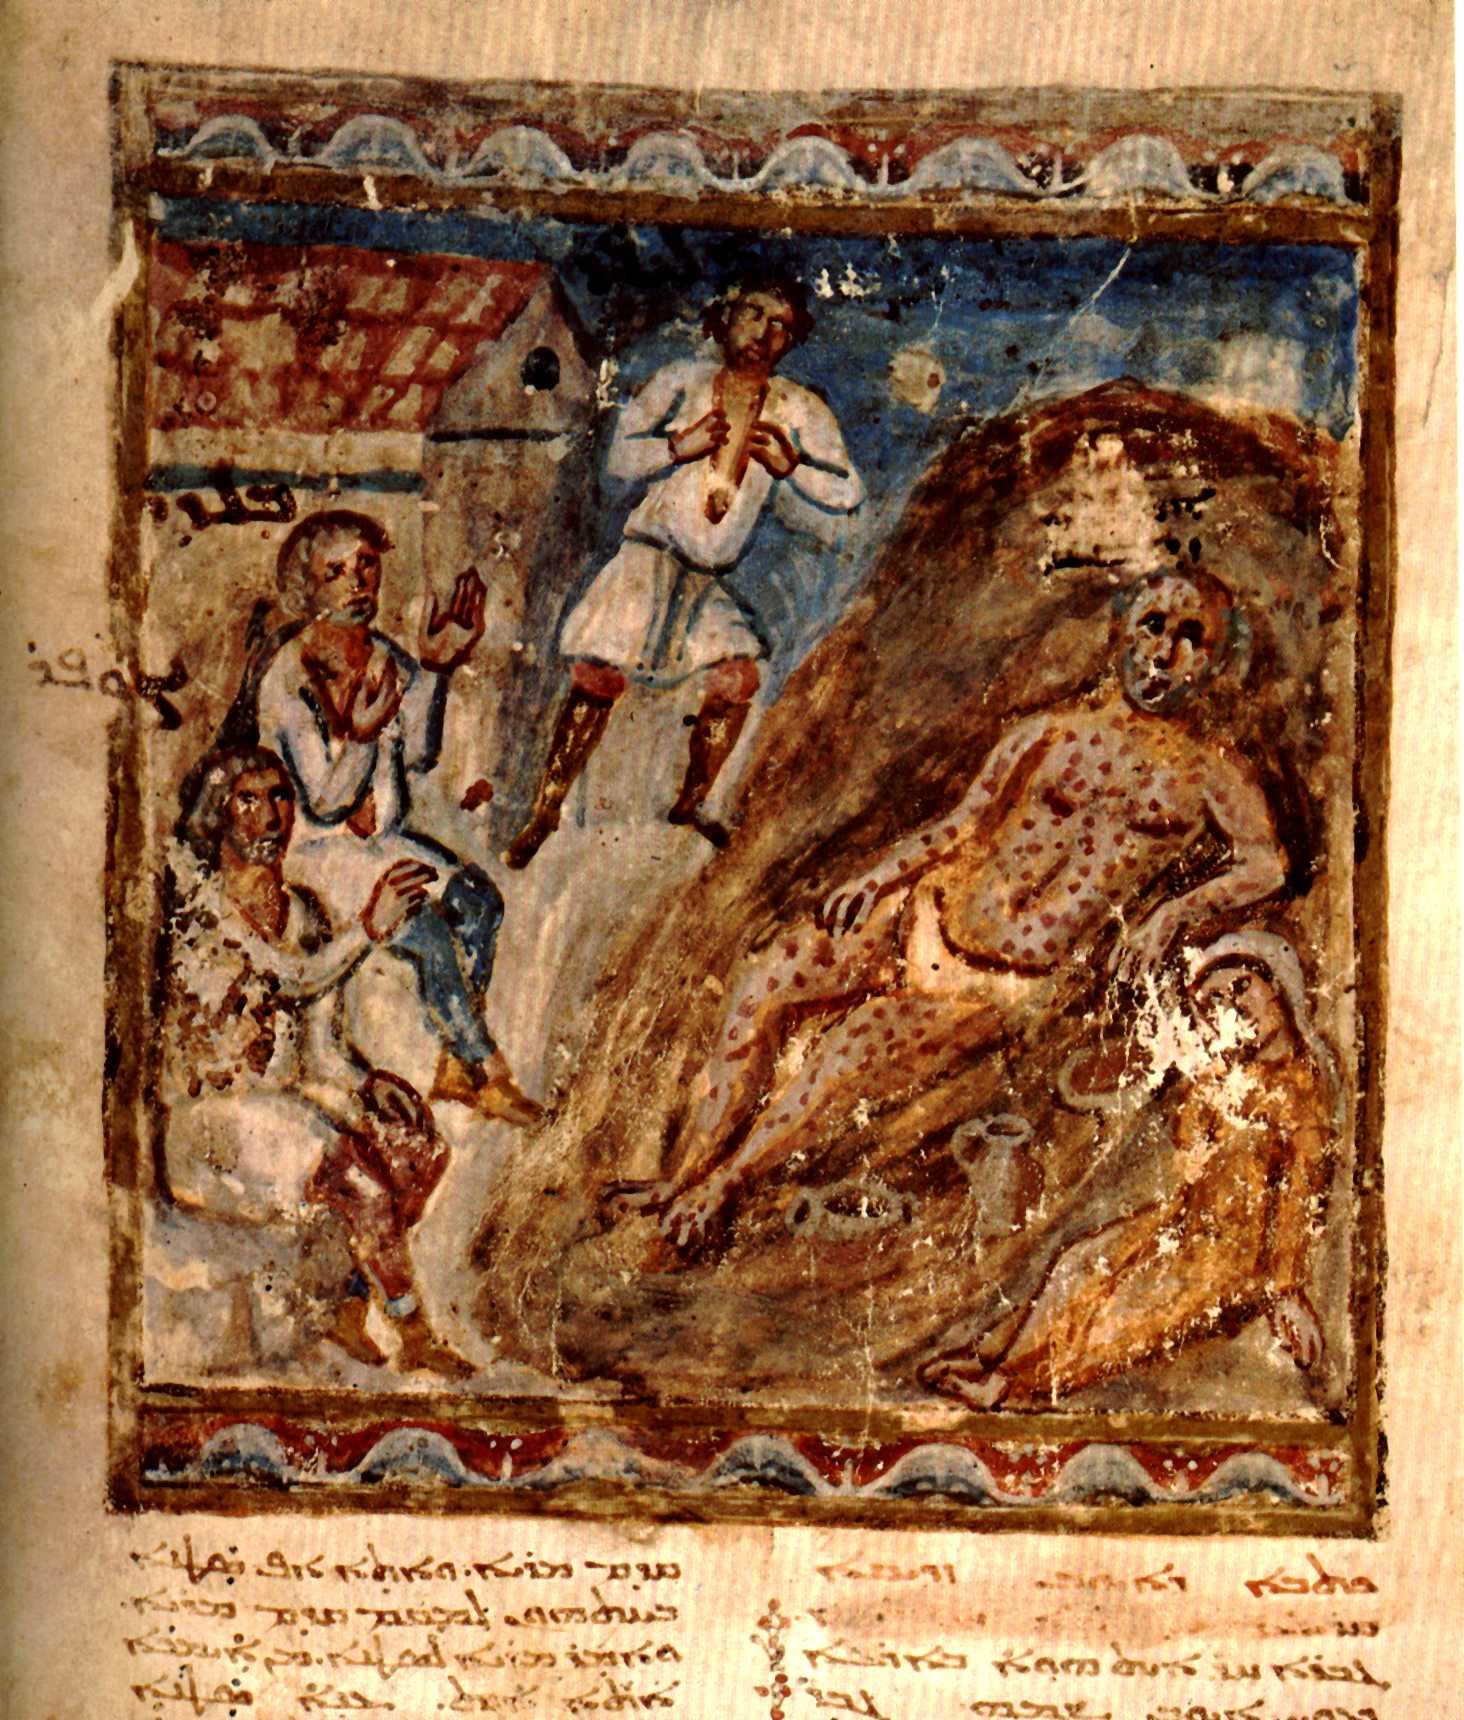 Ο Ιώβ, πρωταγωνιστής του ομώνυμου βιβλίου της Παλαιάς Διαθήκης, πρότυπο υπομονής και πίστης στον Θεό. Εδώ τον βλέπουμε να κατάκοιτο πάνω στην κοπριά, έχοντας χάσει όλη του την περιουσία και τα 10 παιδιά του, και έχοντας προσβληθεί από μια αρρώστεια που τον γέμισε πληγές από την κορυφή έως τα νύχια. Μικρογραφία από την Συριακή Βίβλο του Παρισιού (6ος-7ος αιώνας).